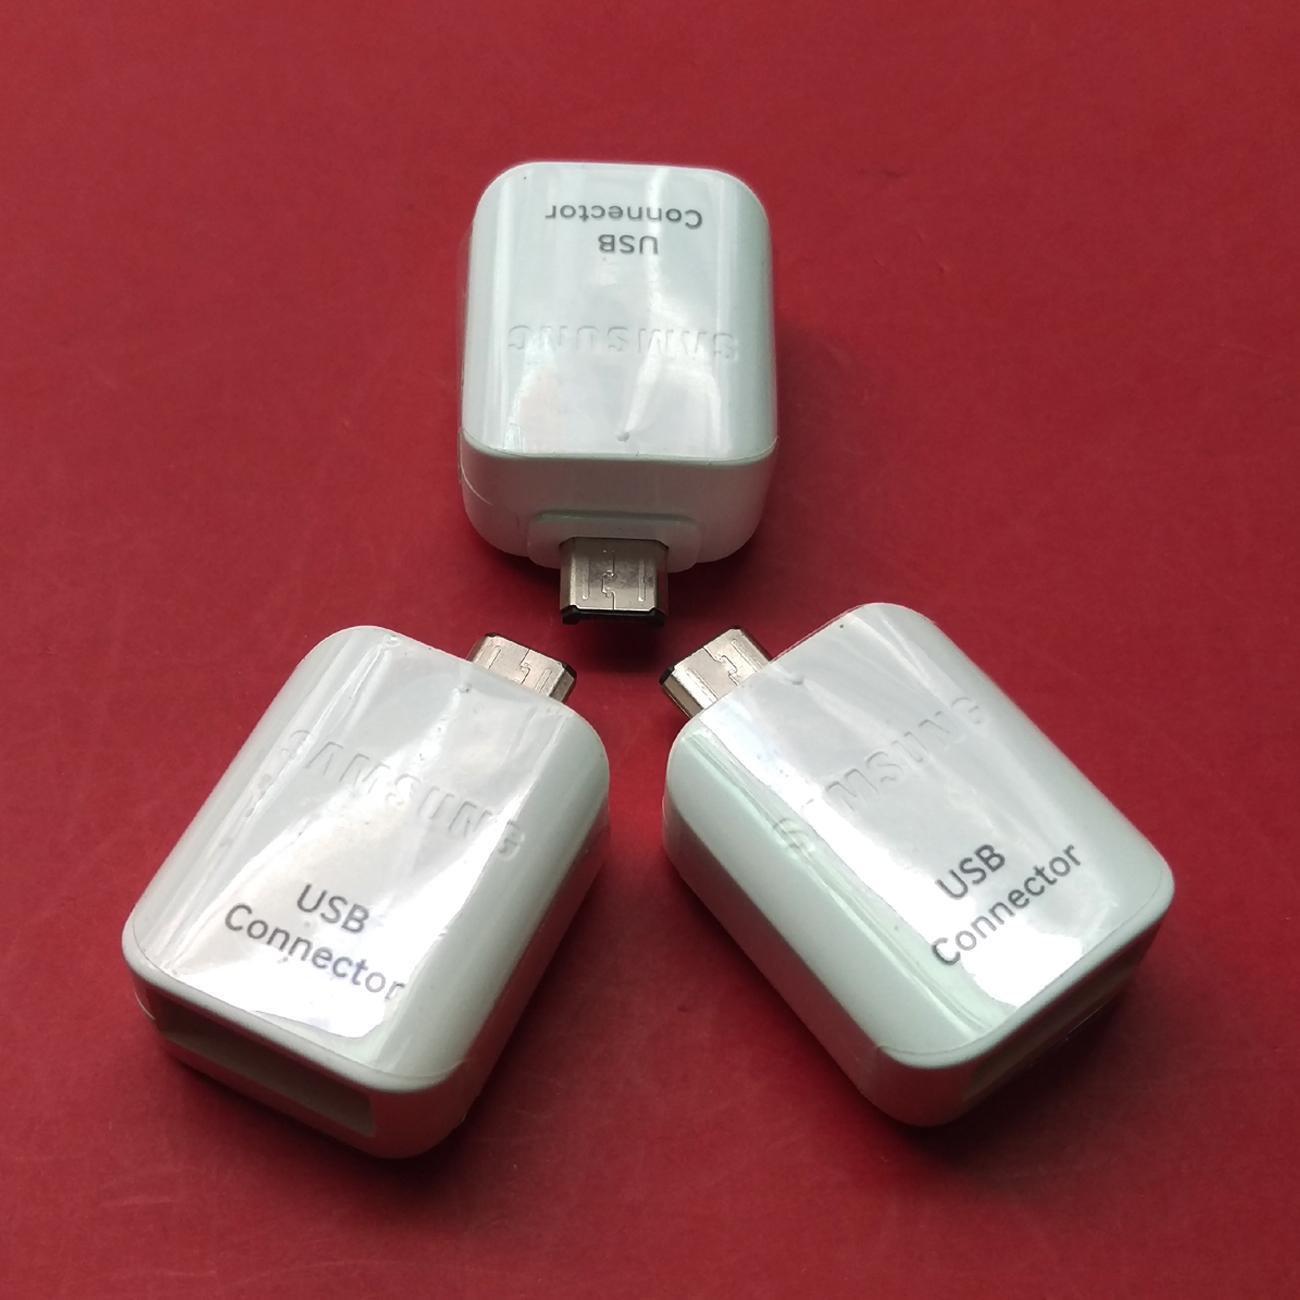 [HCM]Đầu chuyển Micro USB OTG Samsung cho máy tính bảng và smart phone (Trắng) - Hàng Nhập Khẩu Chính Hiệu